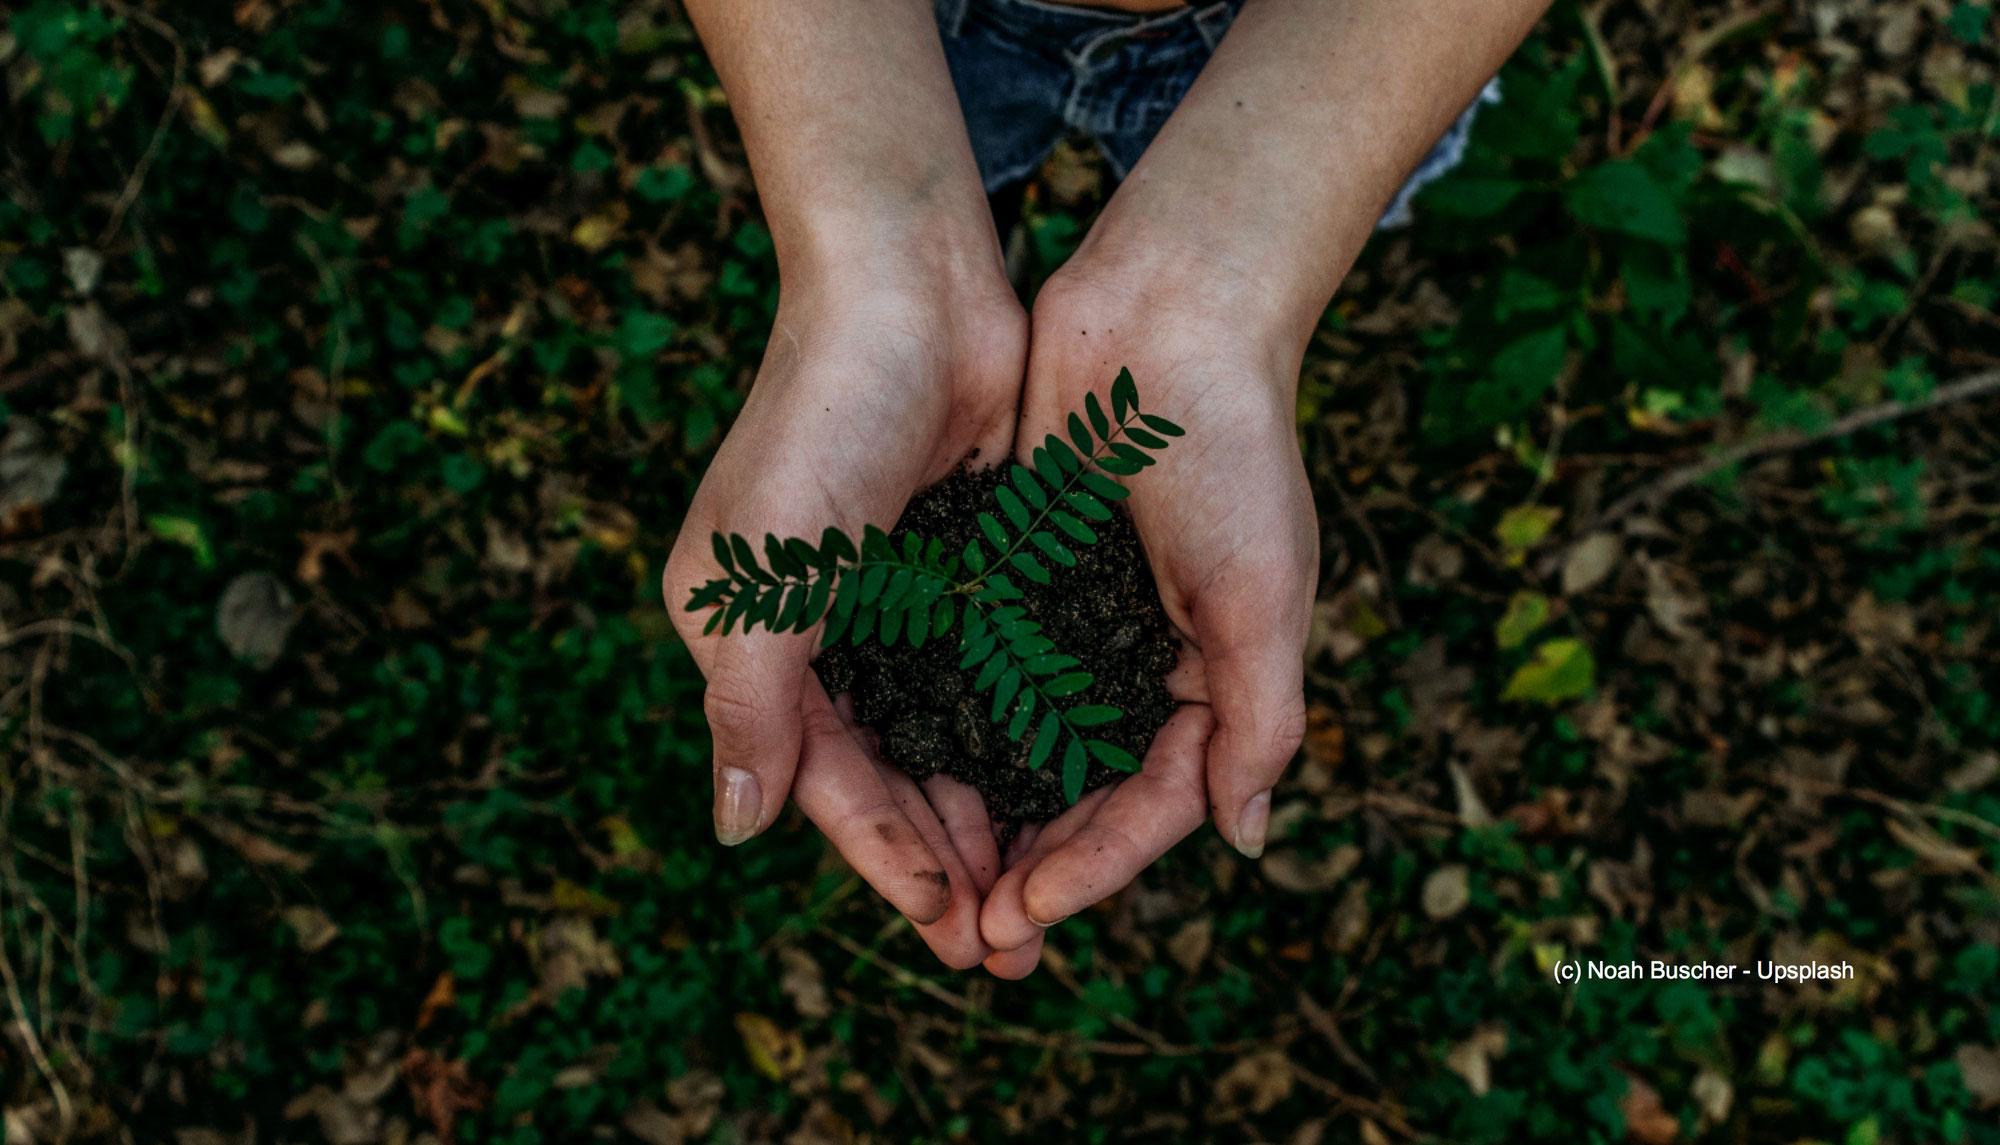 Sinnvollen Klimaschutz praktizieren